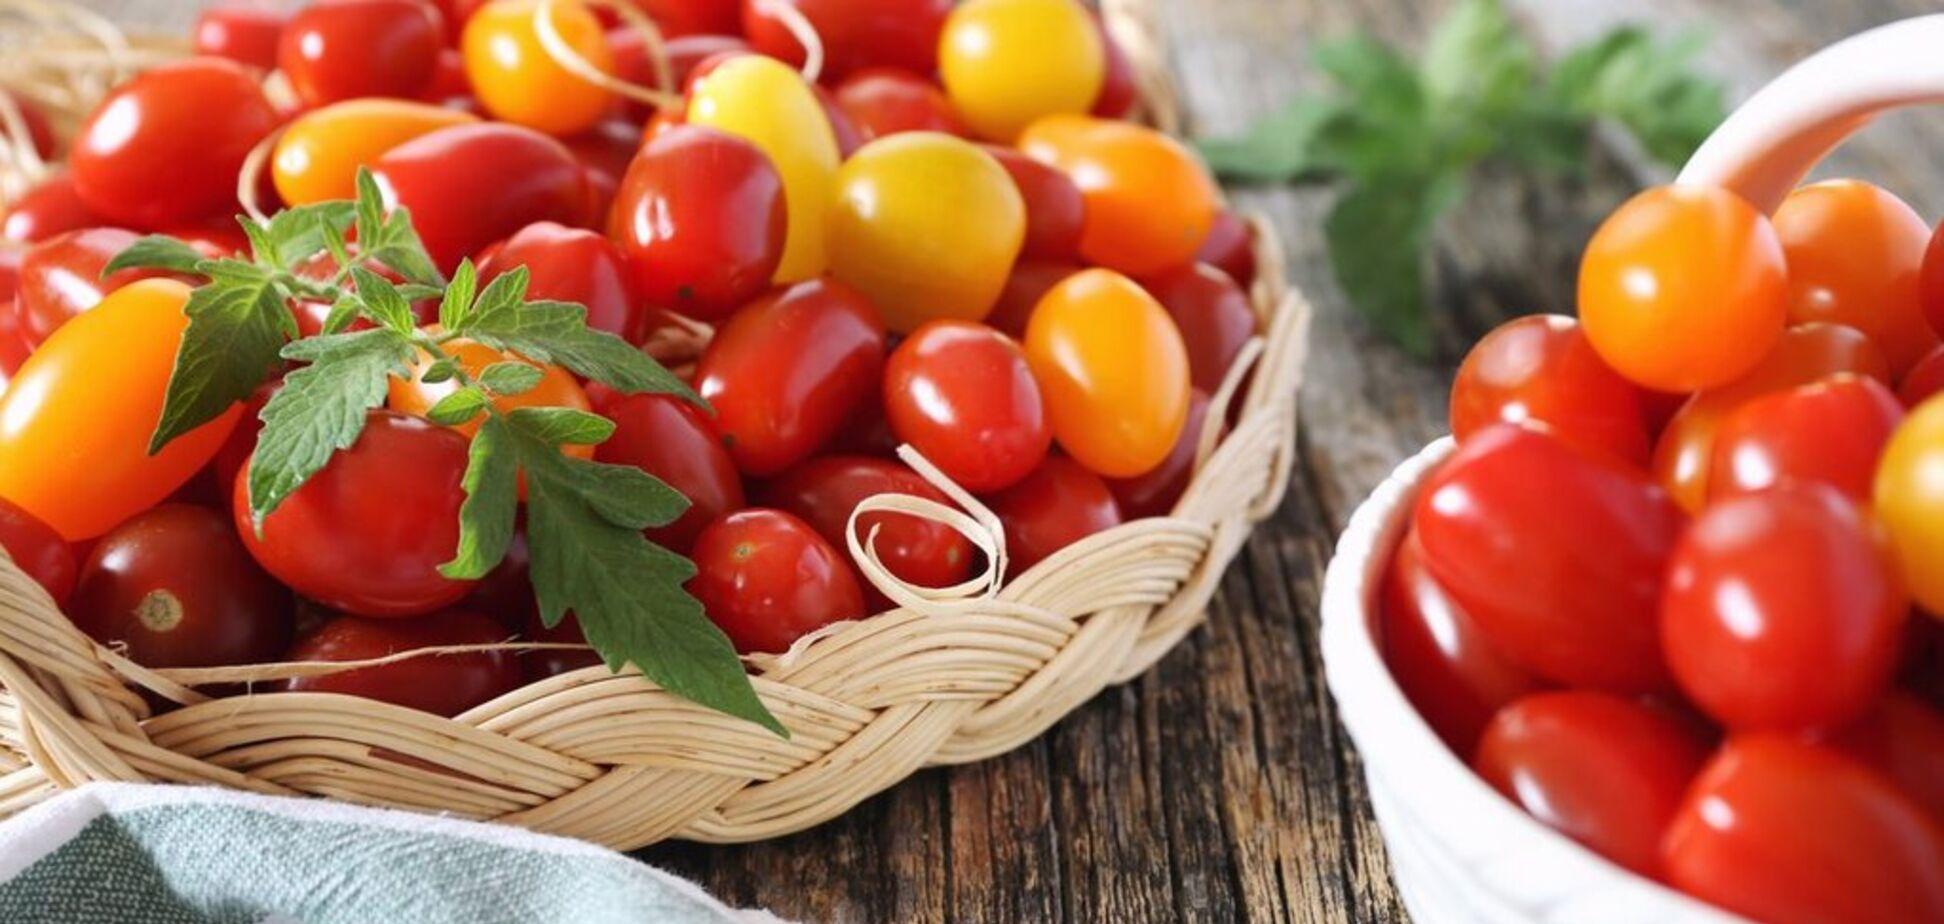 Рецепт найсмачнішого салату з помідорами